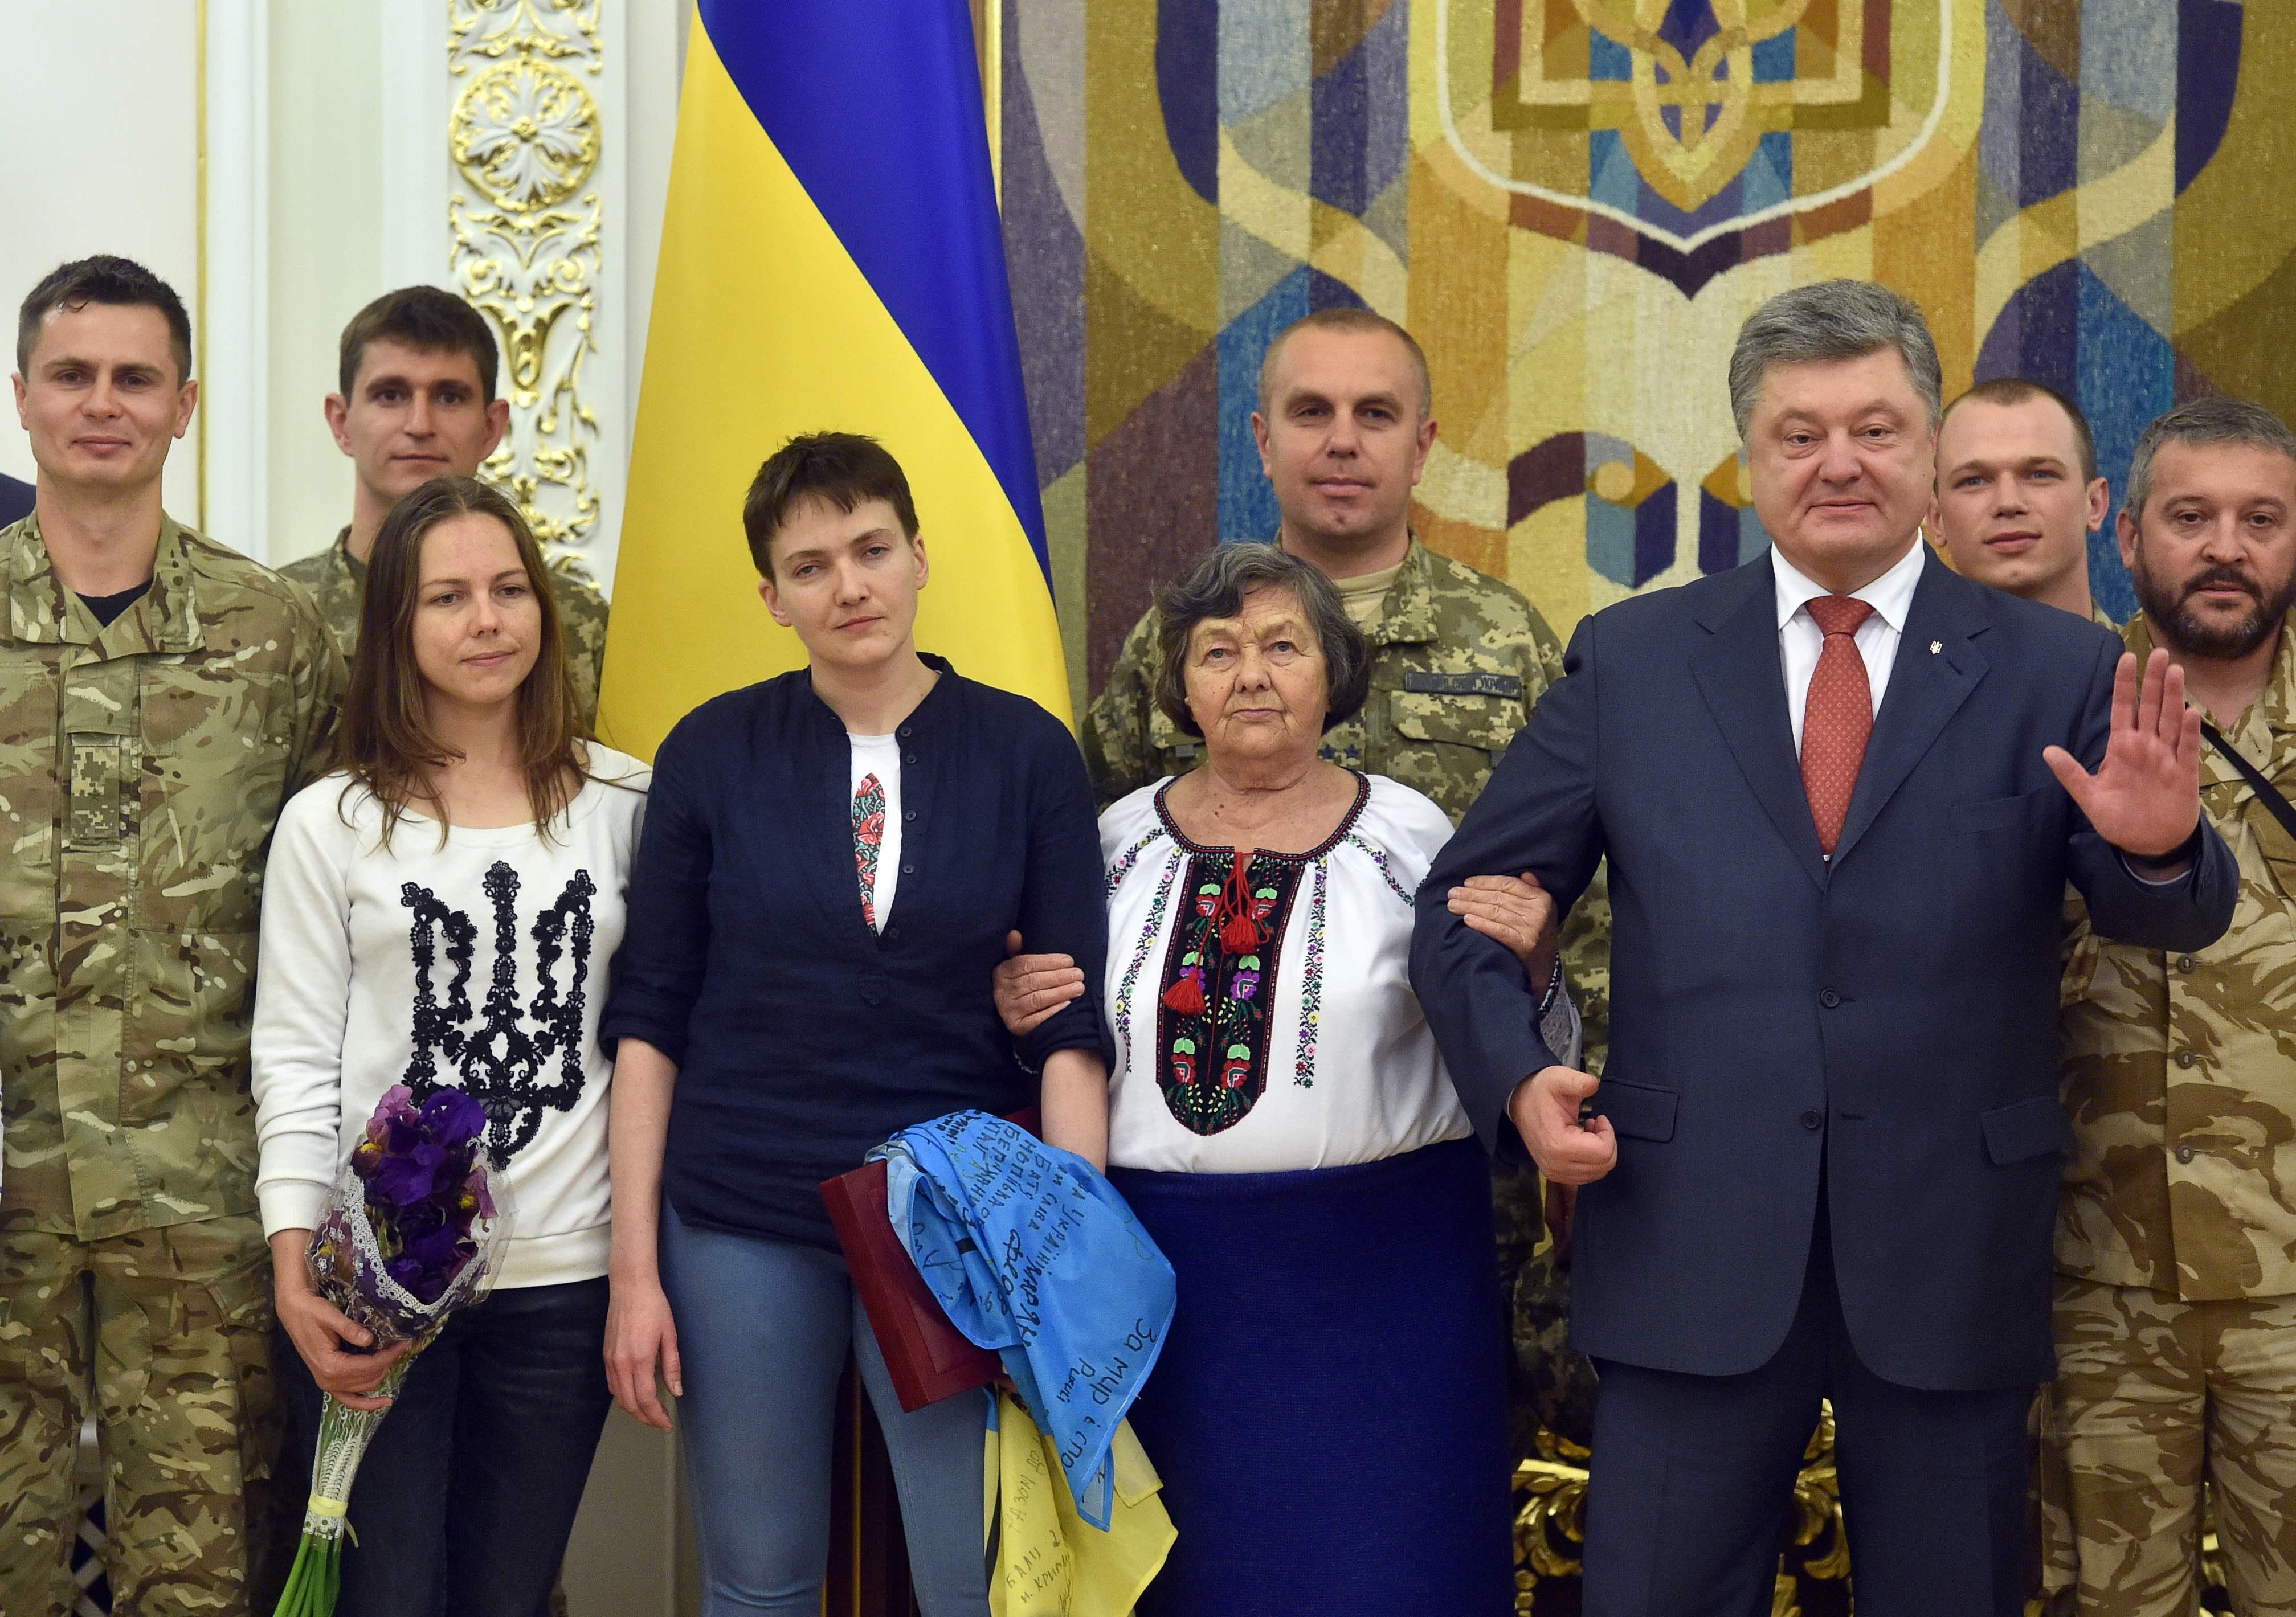 Putin is the loser in prisoner swap with Ukraine